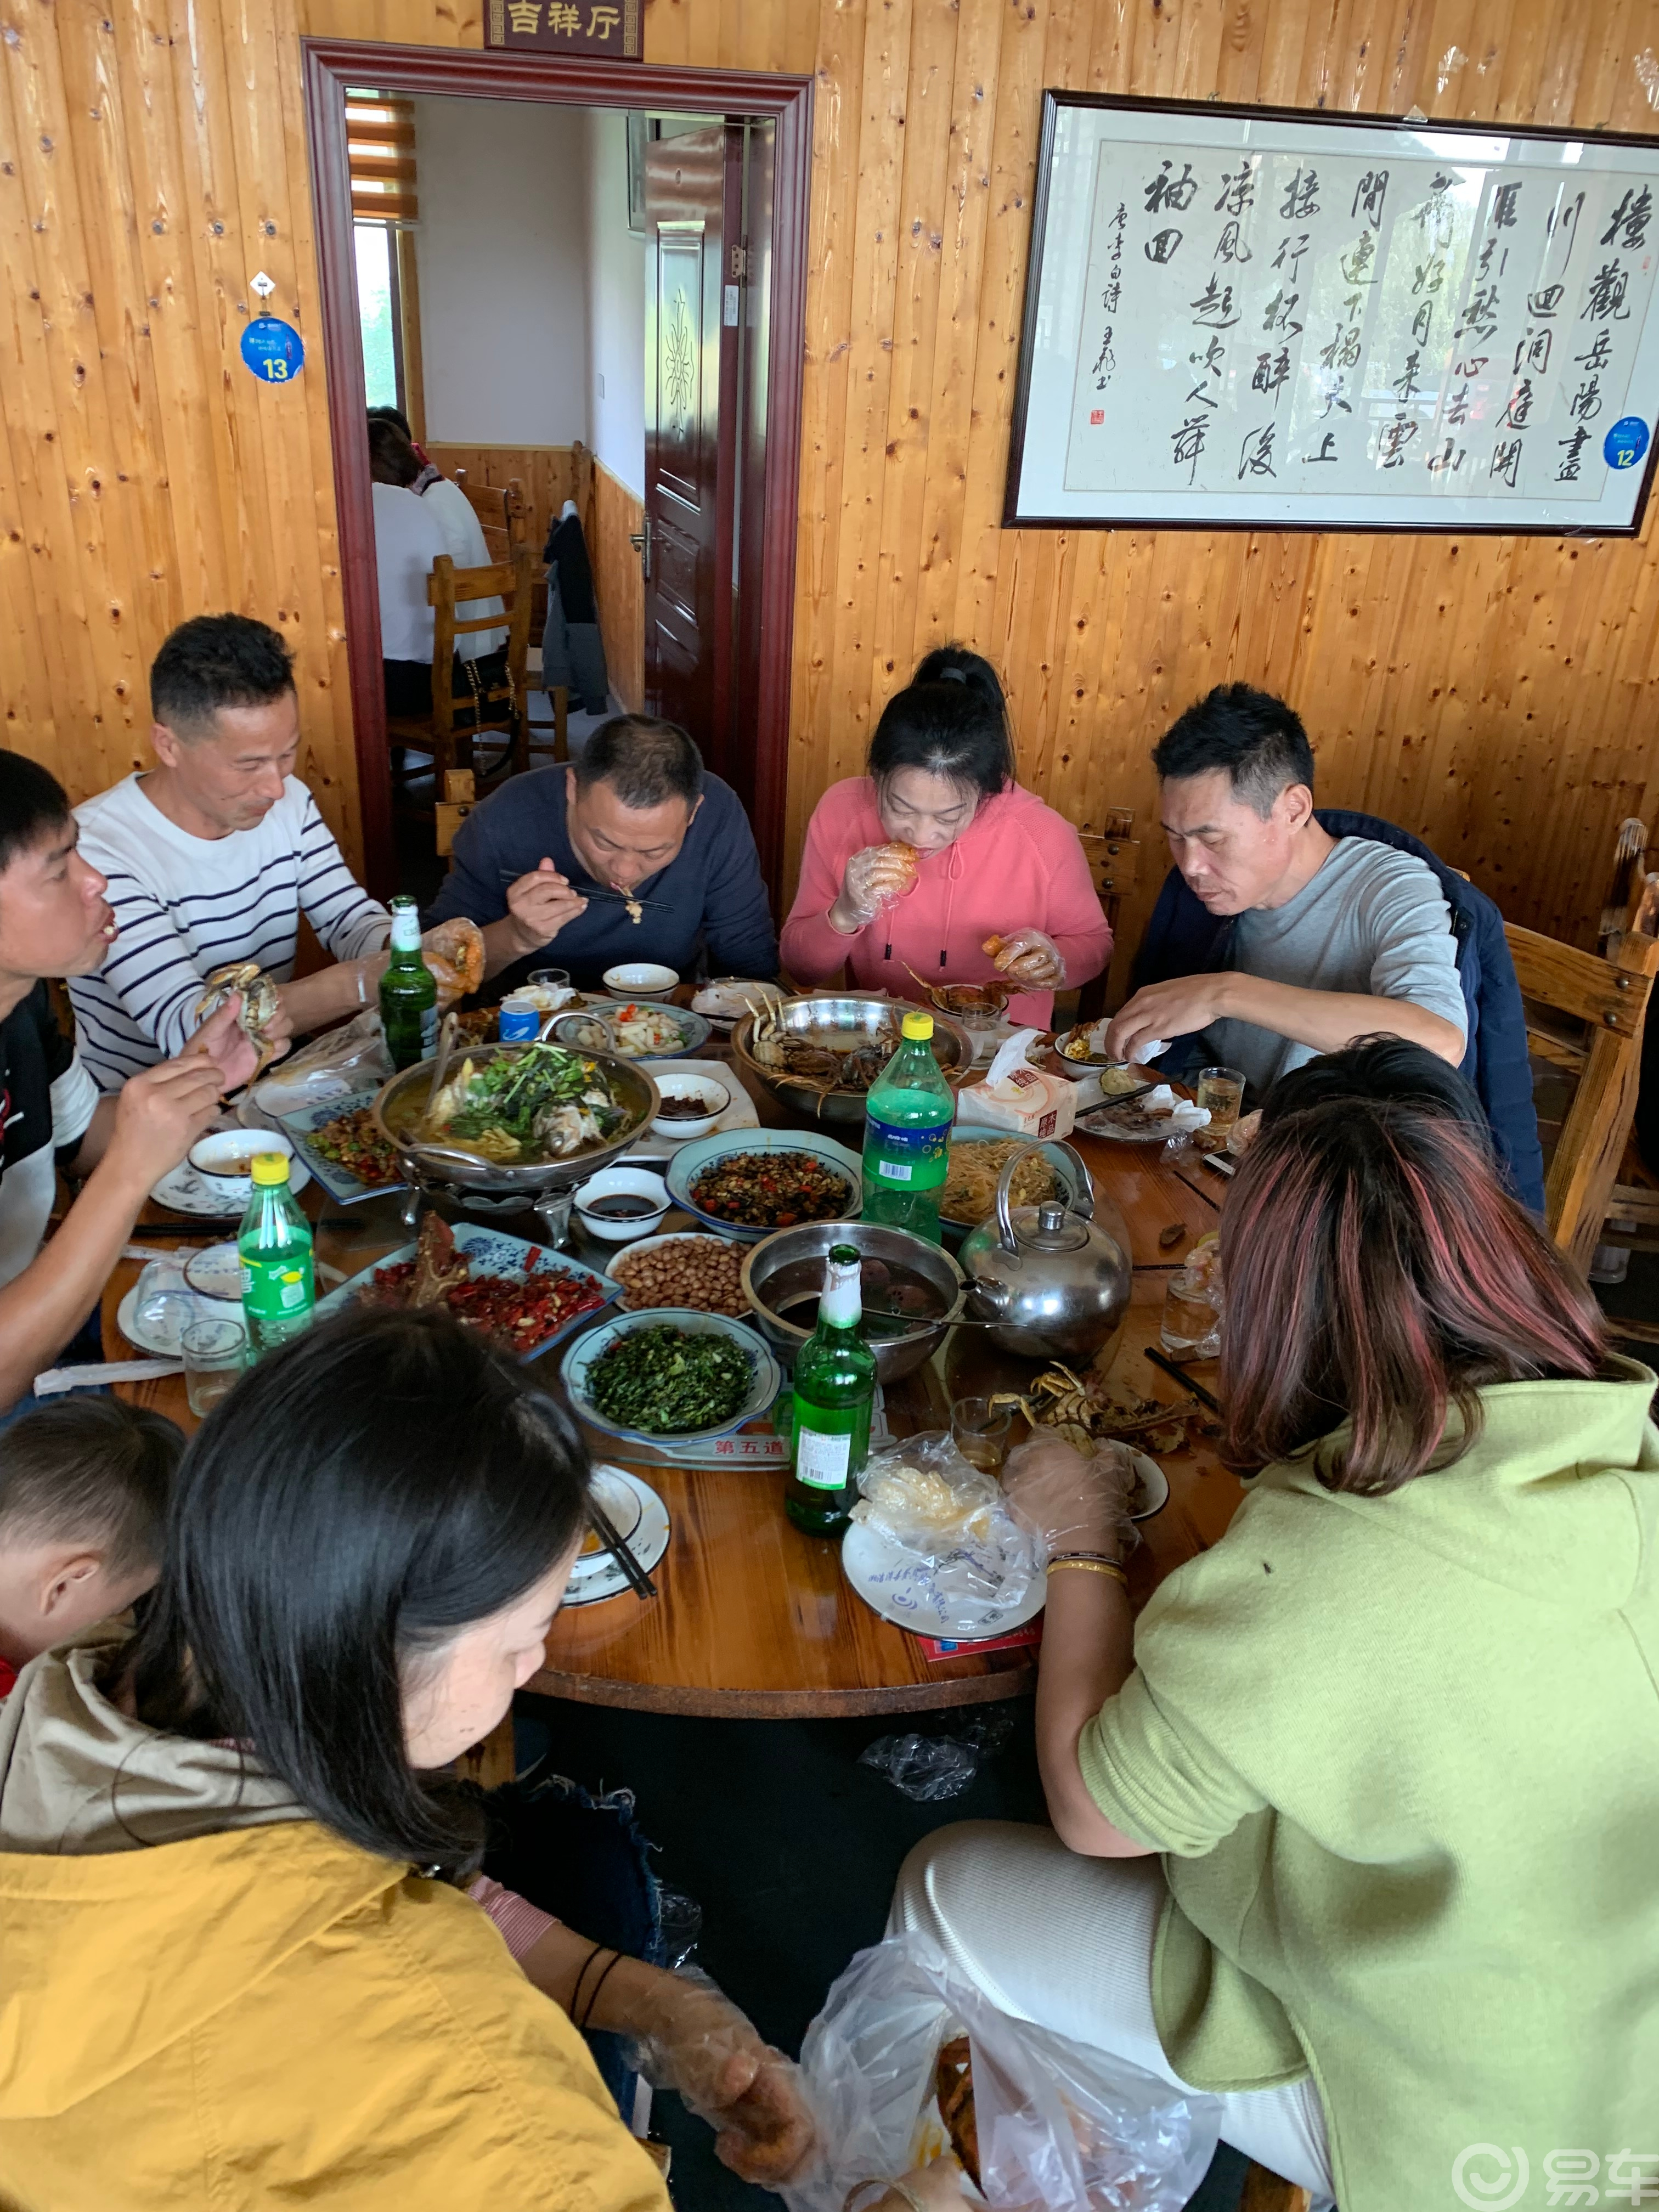 【易车湖南车友会】湘阴恰螃蟹自驾游活动报导